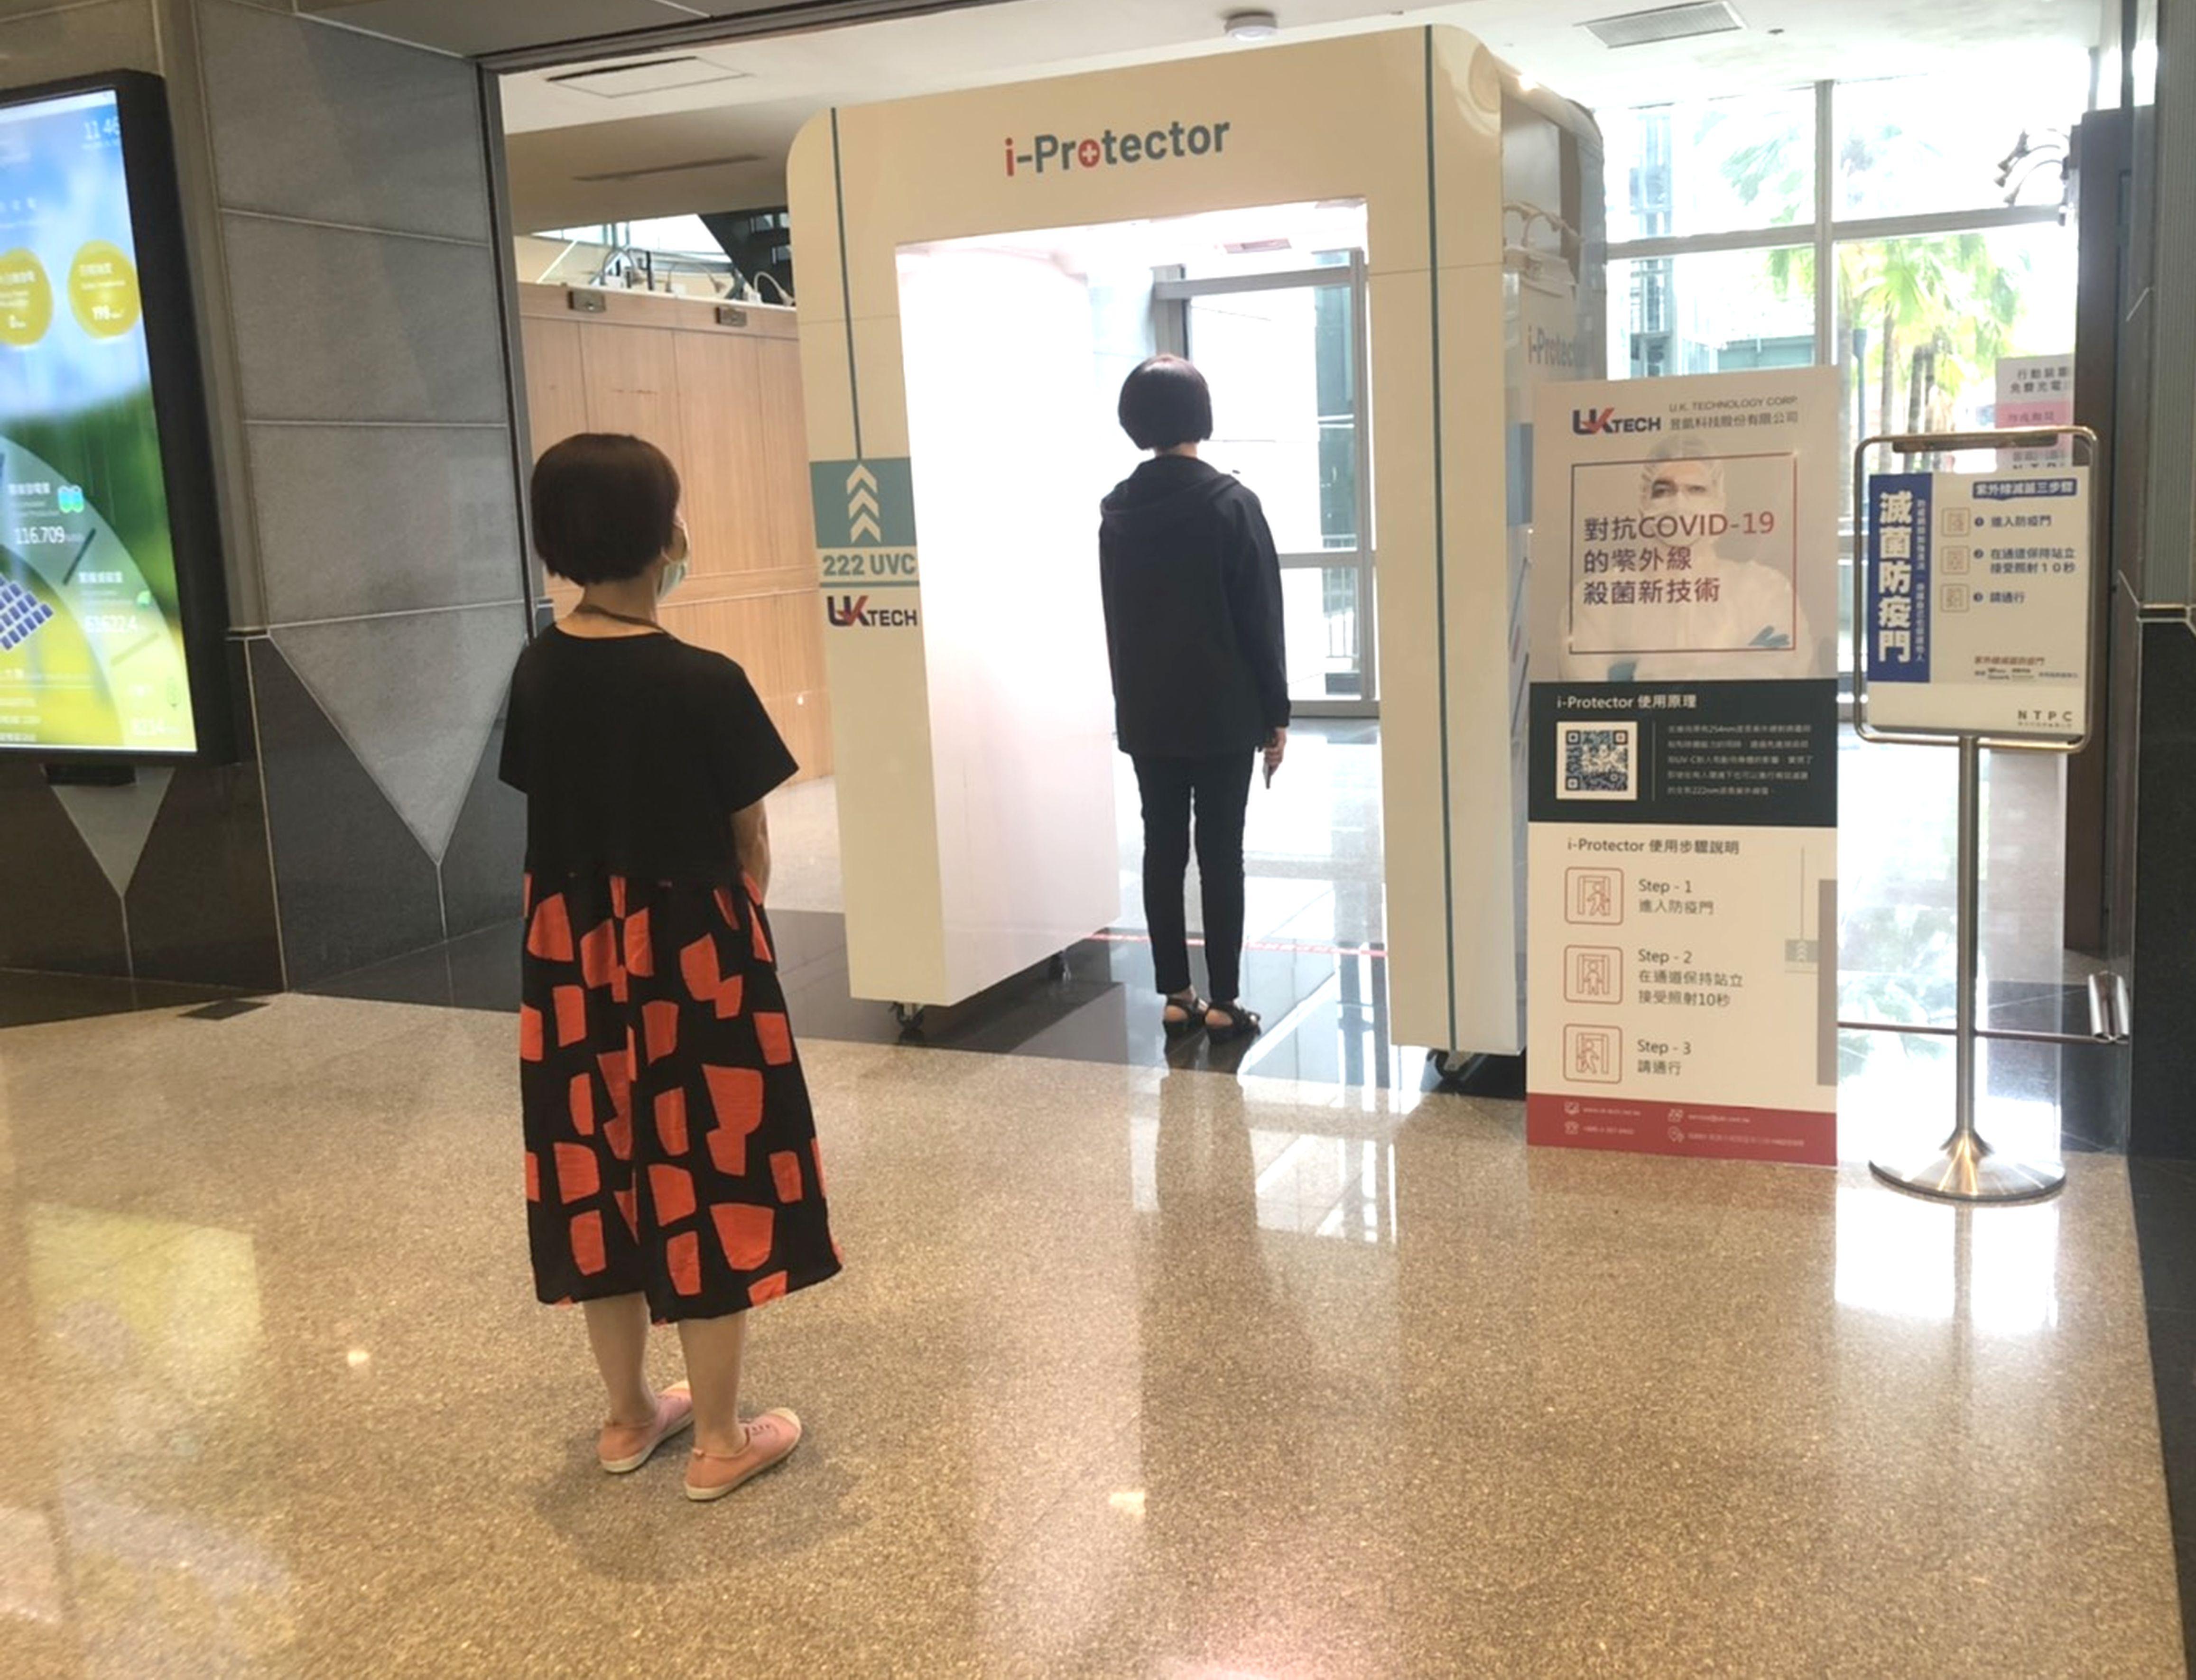 日本民間社長跨海捐贈滅菌防疫門給新北市好日子愛心大平台,裝設在一樓大廳供洽公民眾使用。(圖/昱凱科技提供)